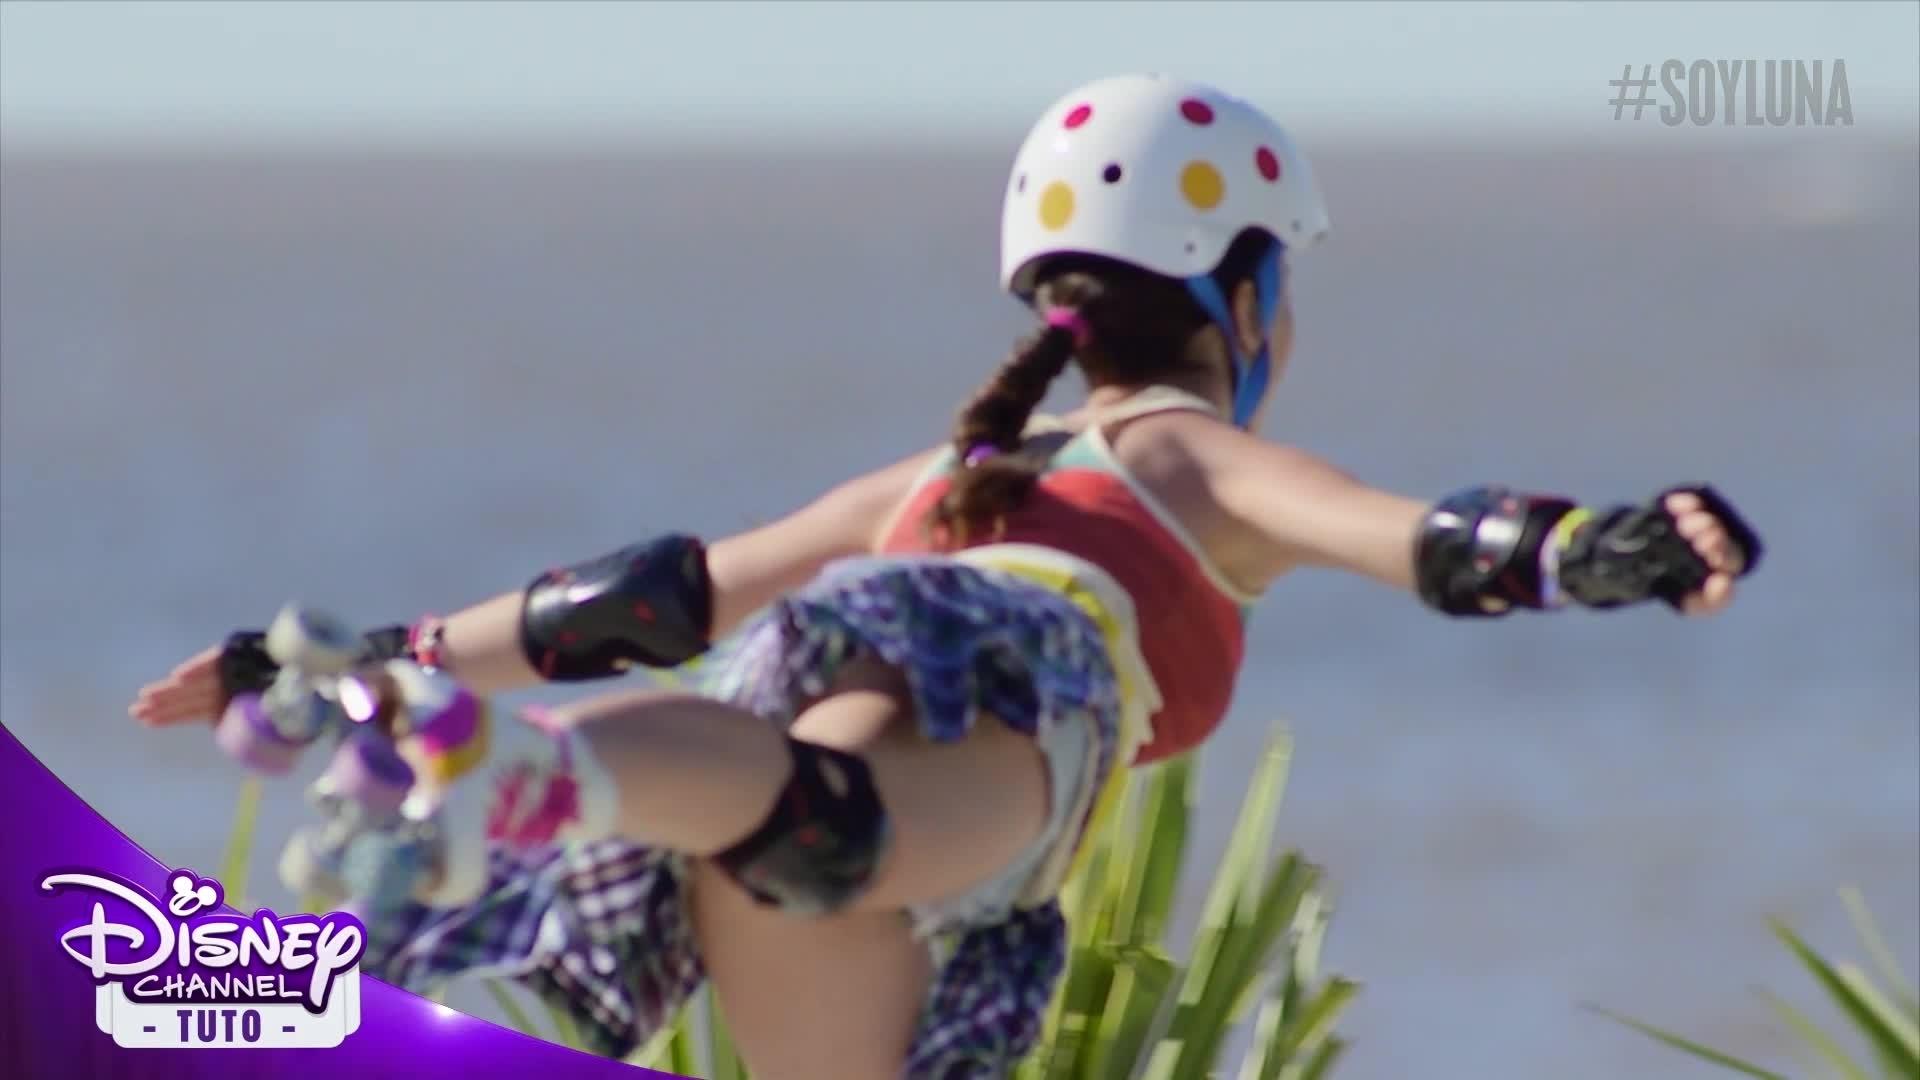 Soy Luna - Tuto Roller - L'équilibre